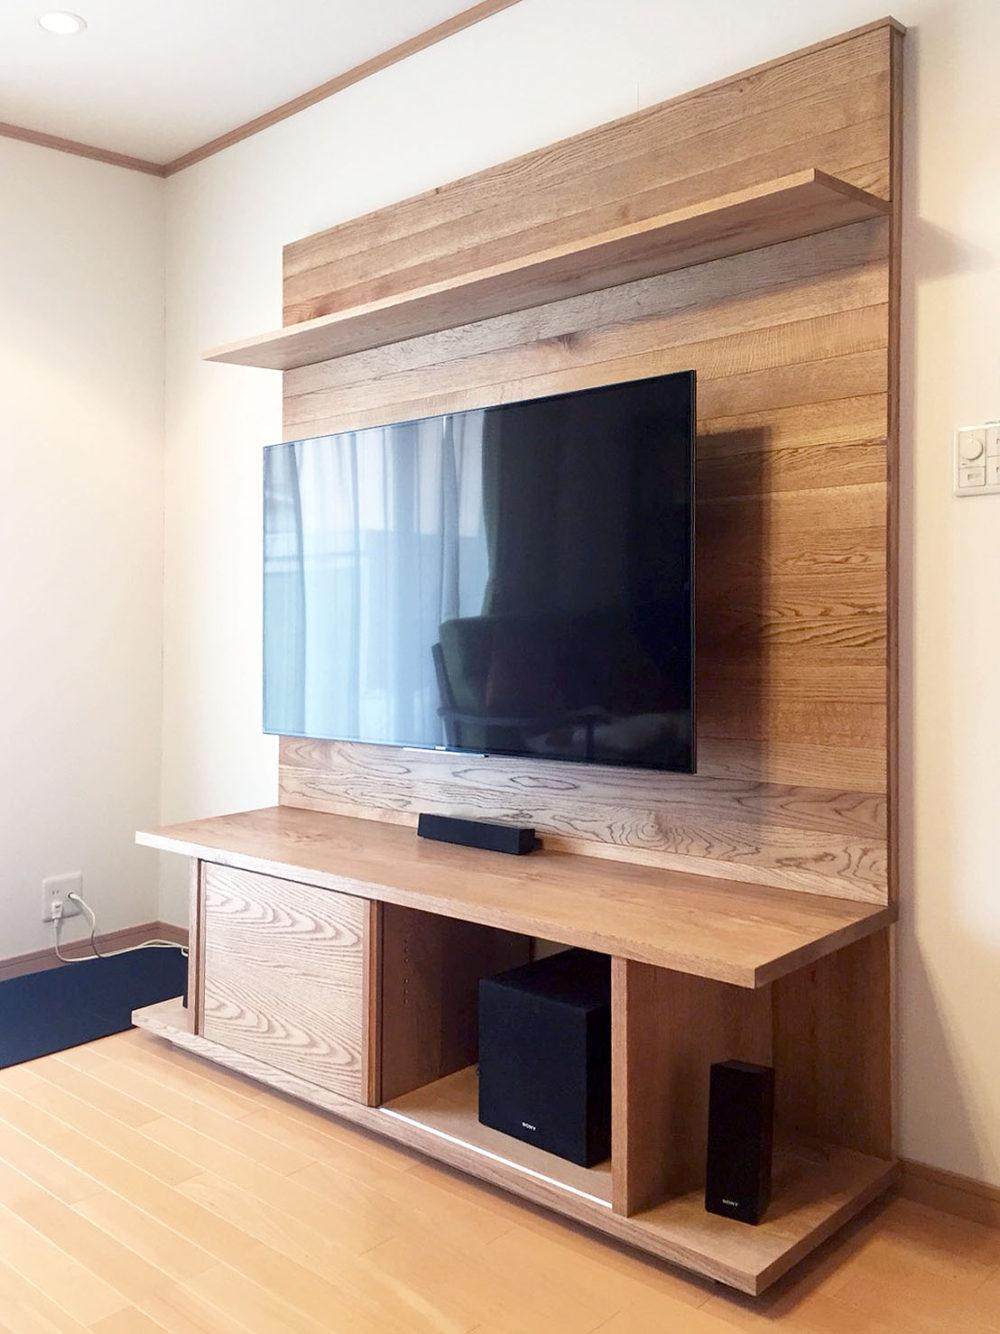 オーダー家具・テレビーボード/関西・大阪・箕面市